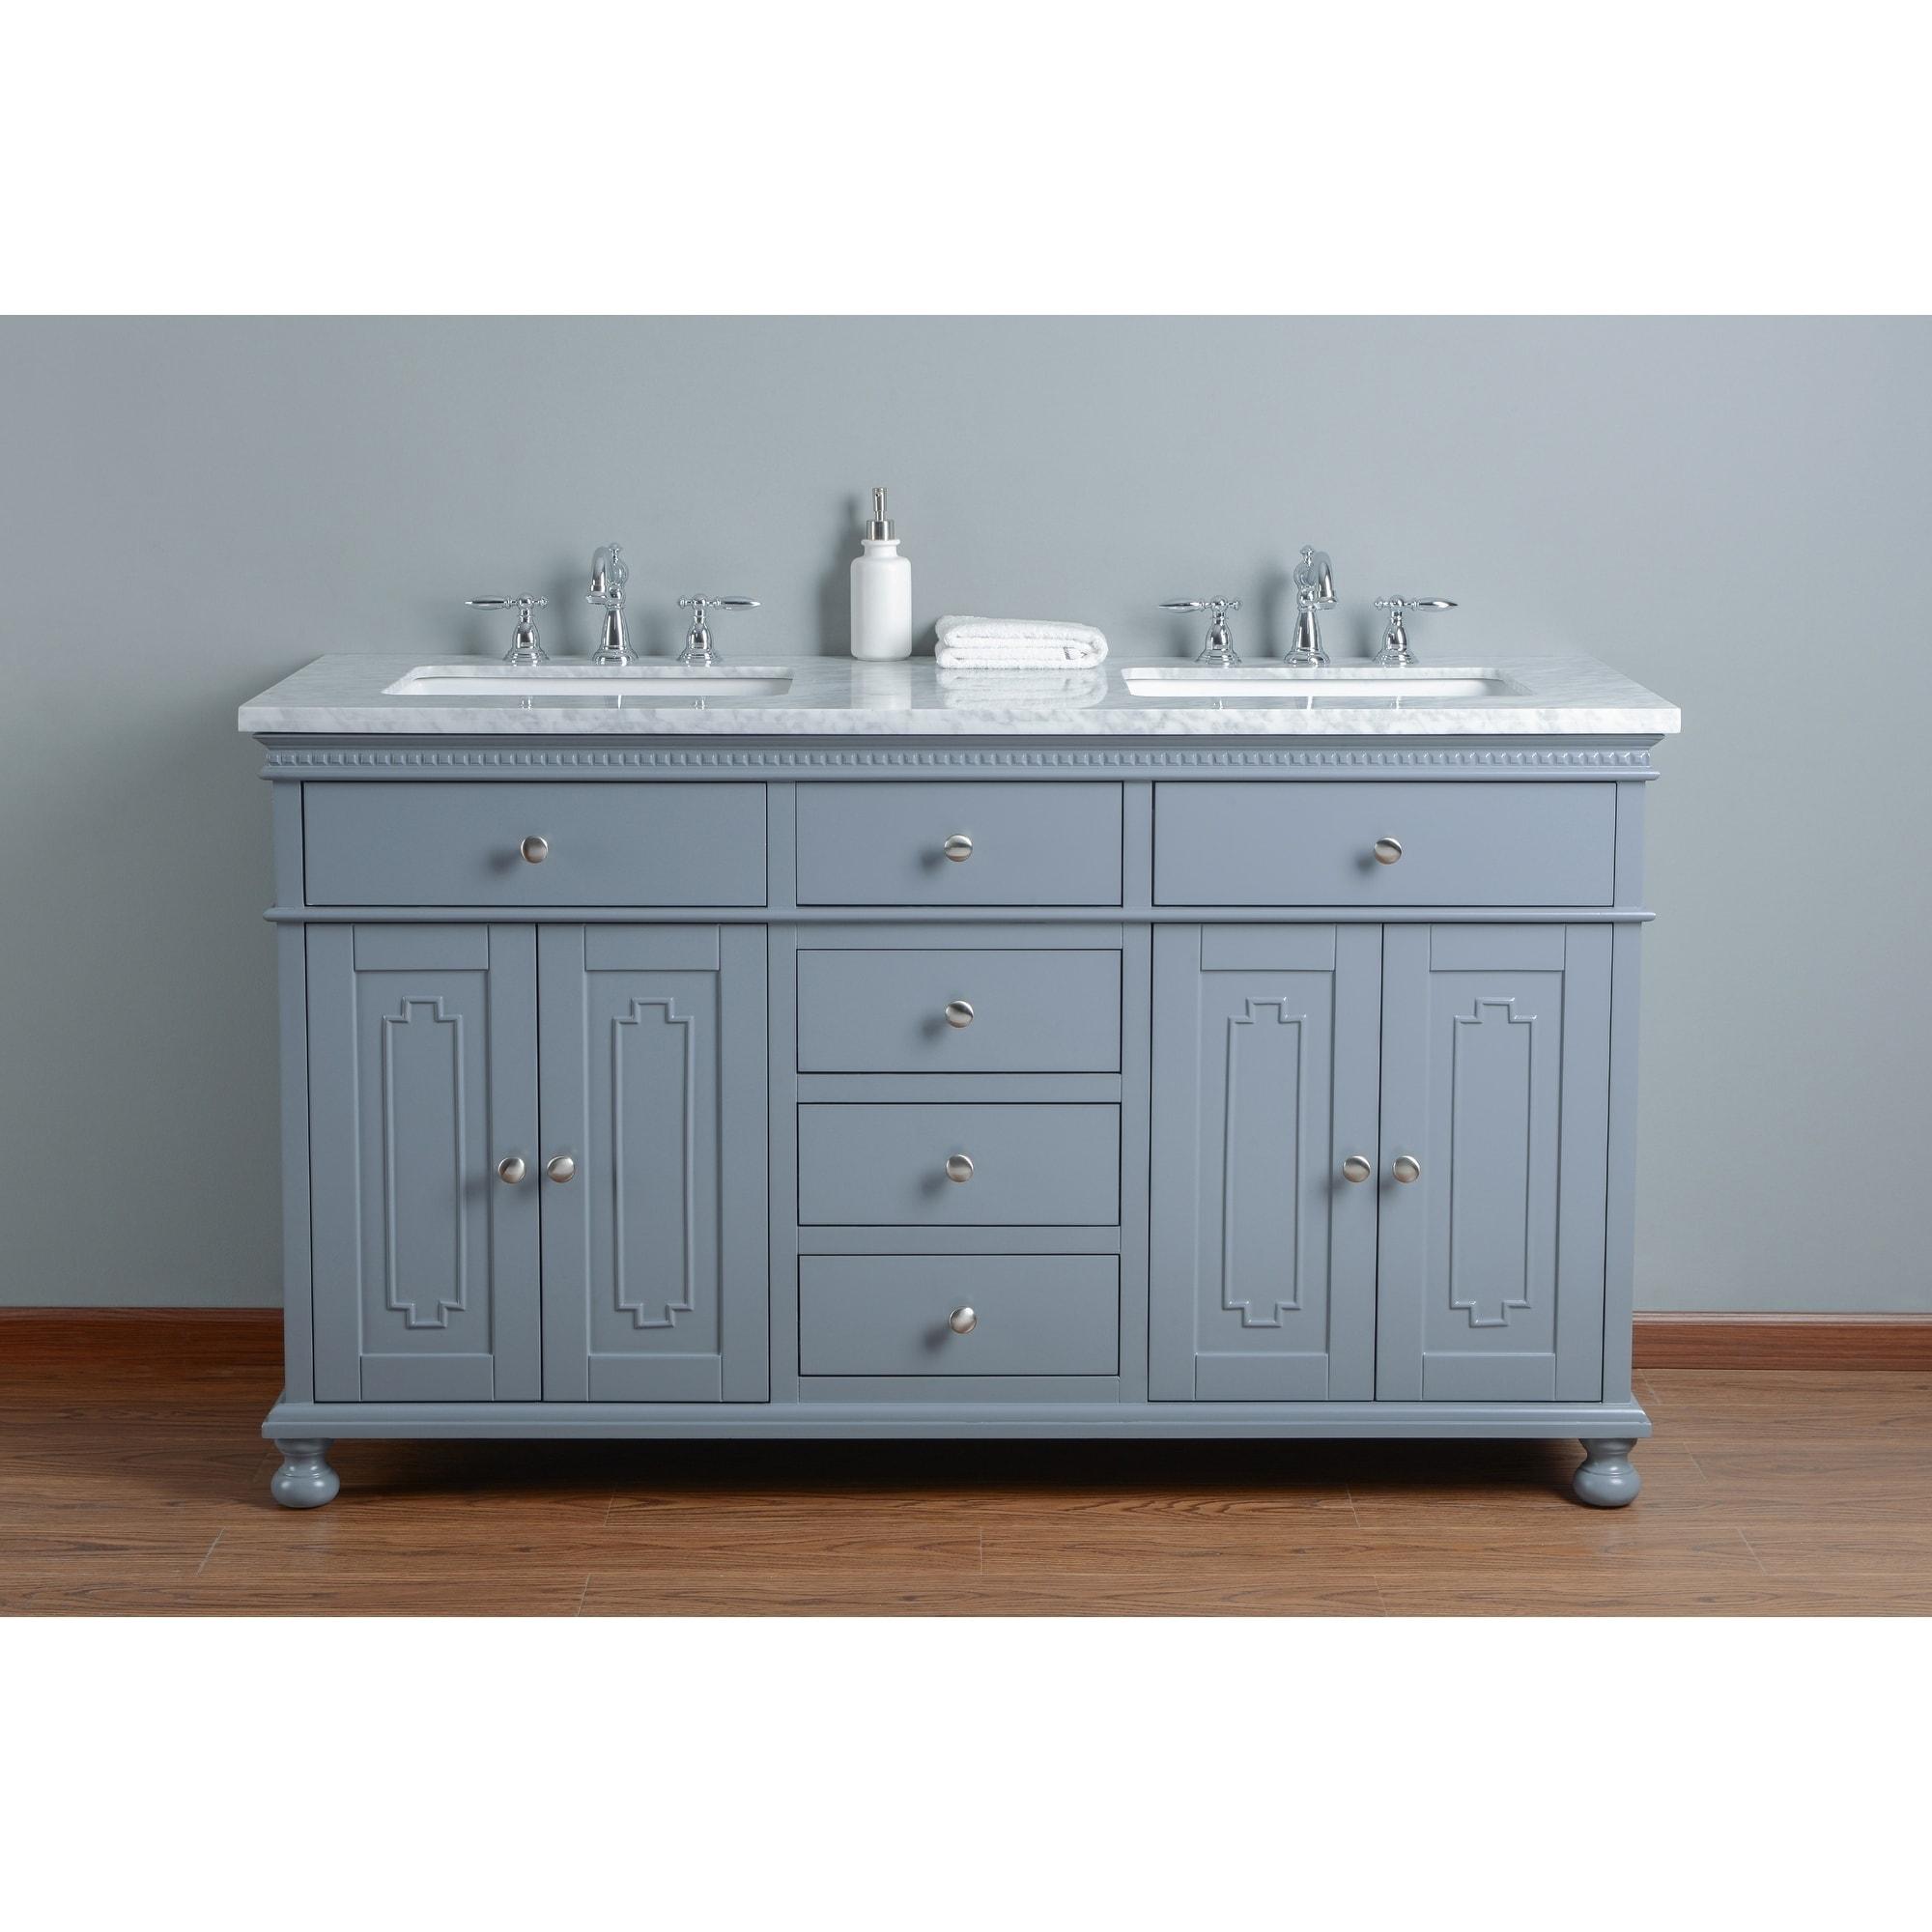 Stufurhome Abigail Embellished 60 In Grey Double Sink Bathroom Vanity